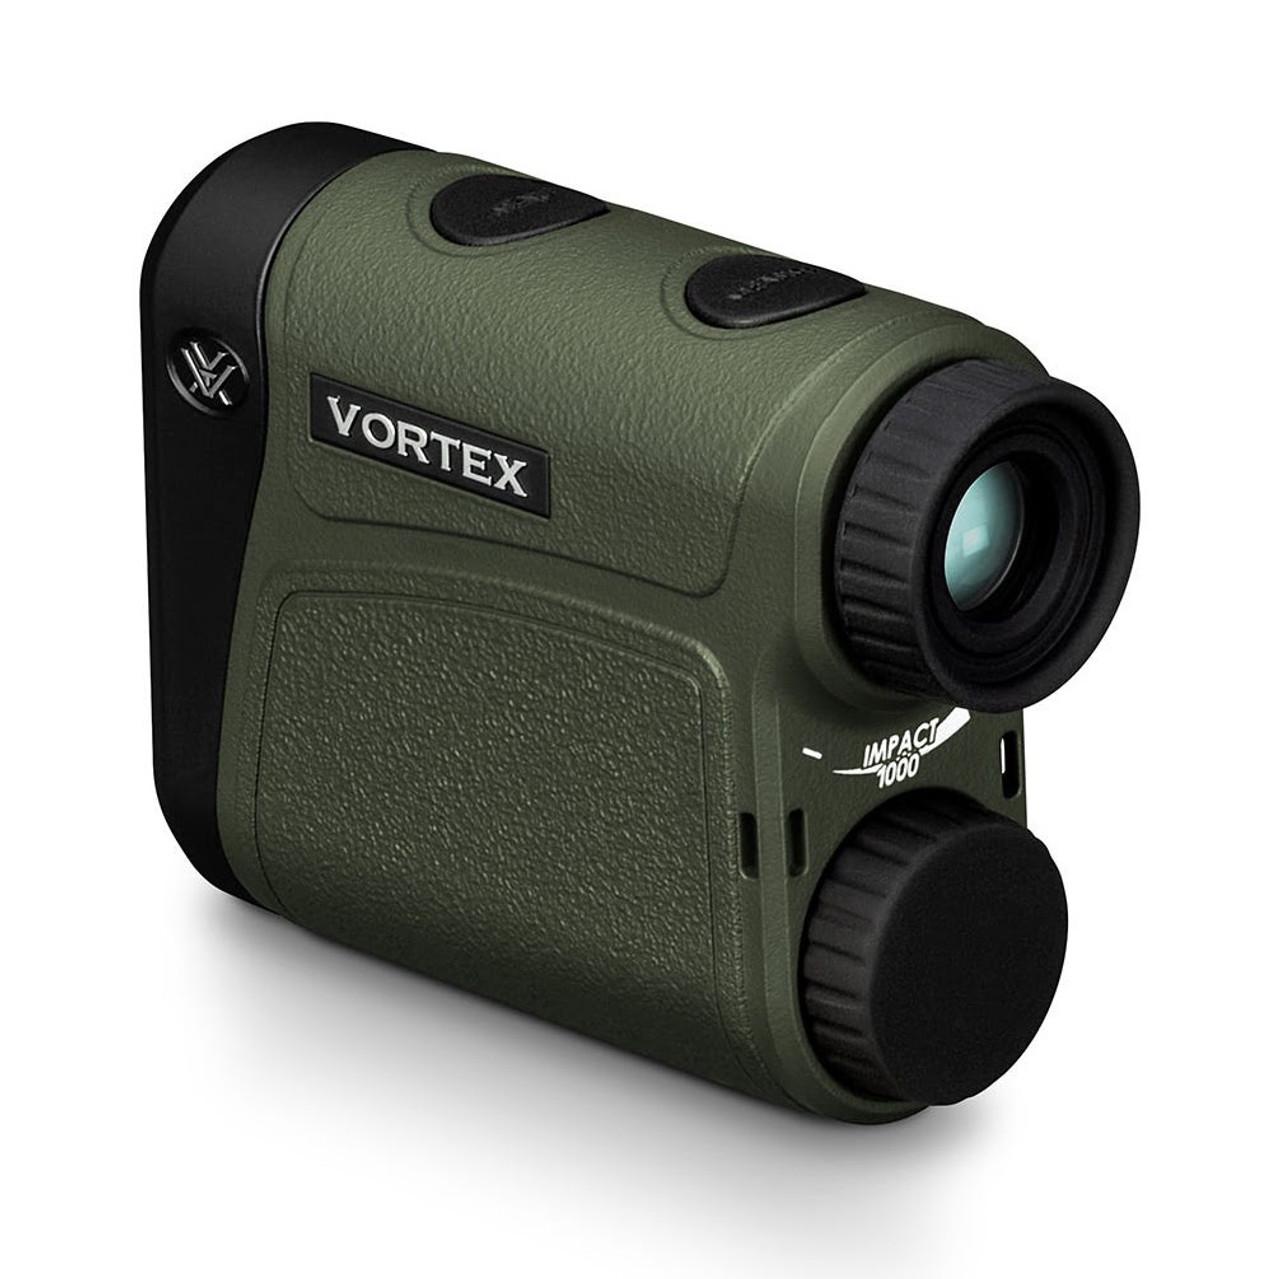 Vortex Impact 1000 LRF101 Rangefinder Monocular